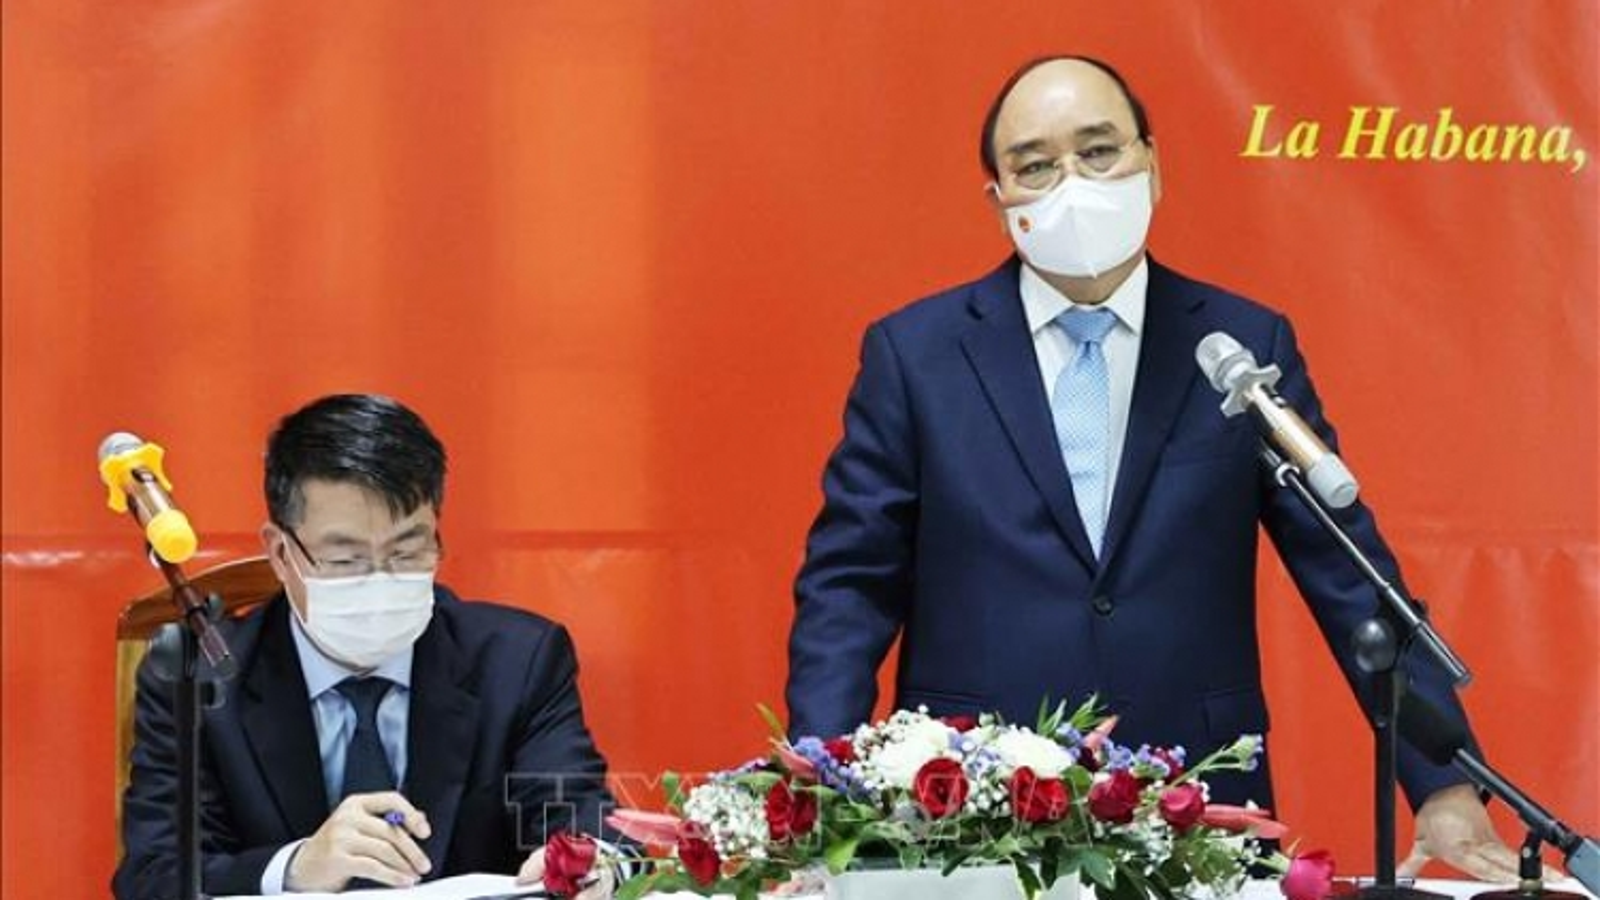 Chủ tịch nước Nguyễn Xuân Phúc gặp gỡ cộng đồng người Việt tại Cuba